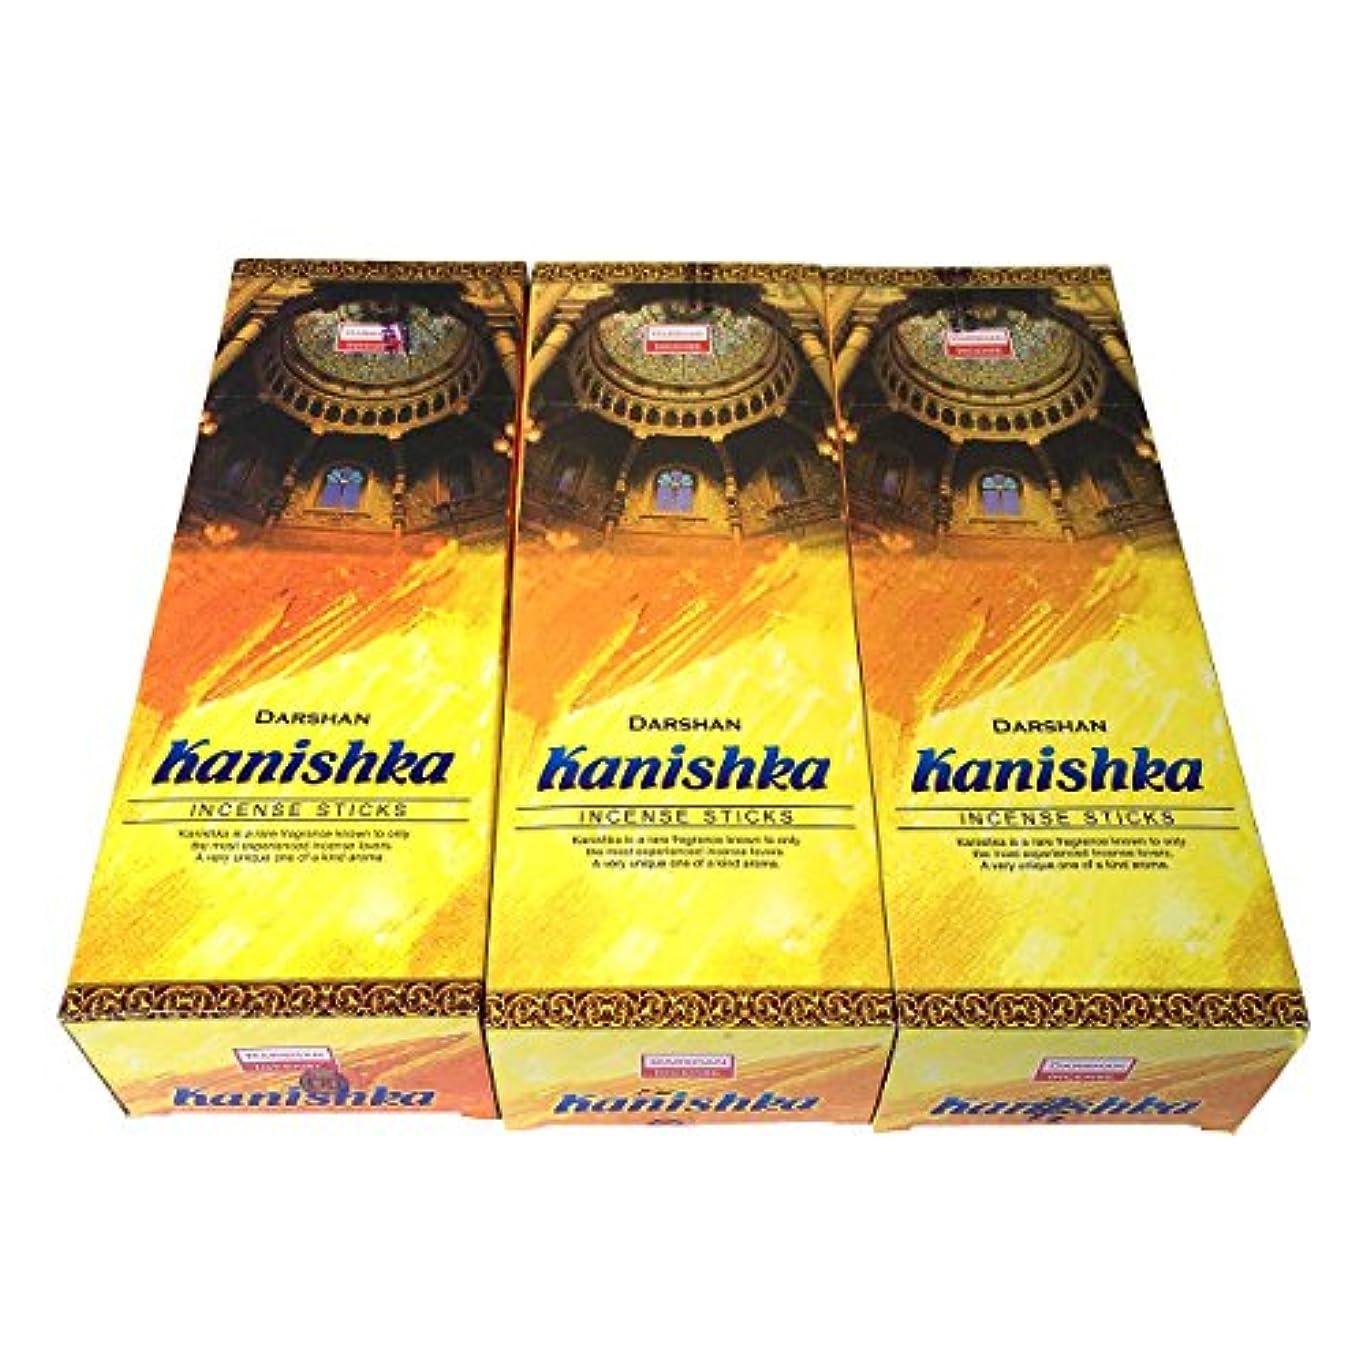 立場有名なモーターカニシュカ香スティック 3BOX(18箱) /DARSHAN KANISHKA/インセンス/インド香 お香 [並行輸入品]